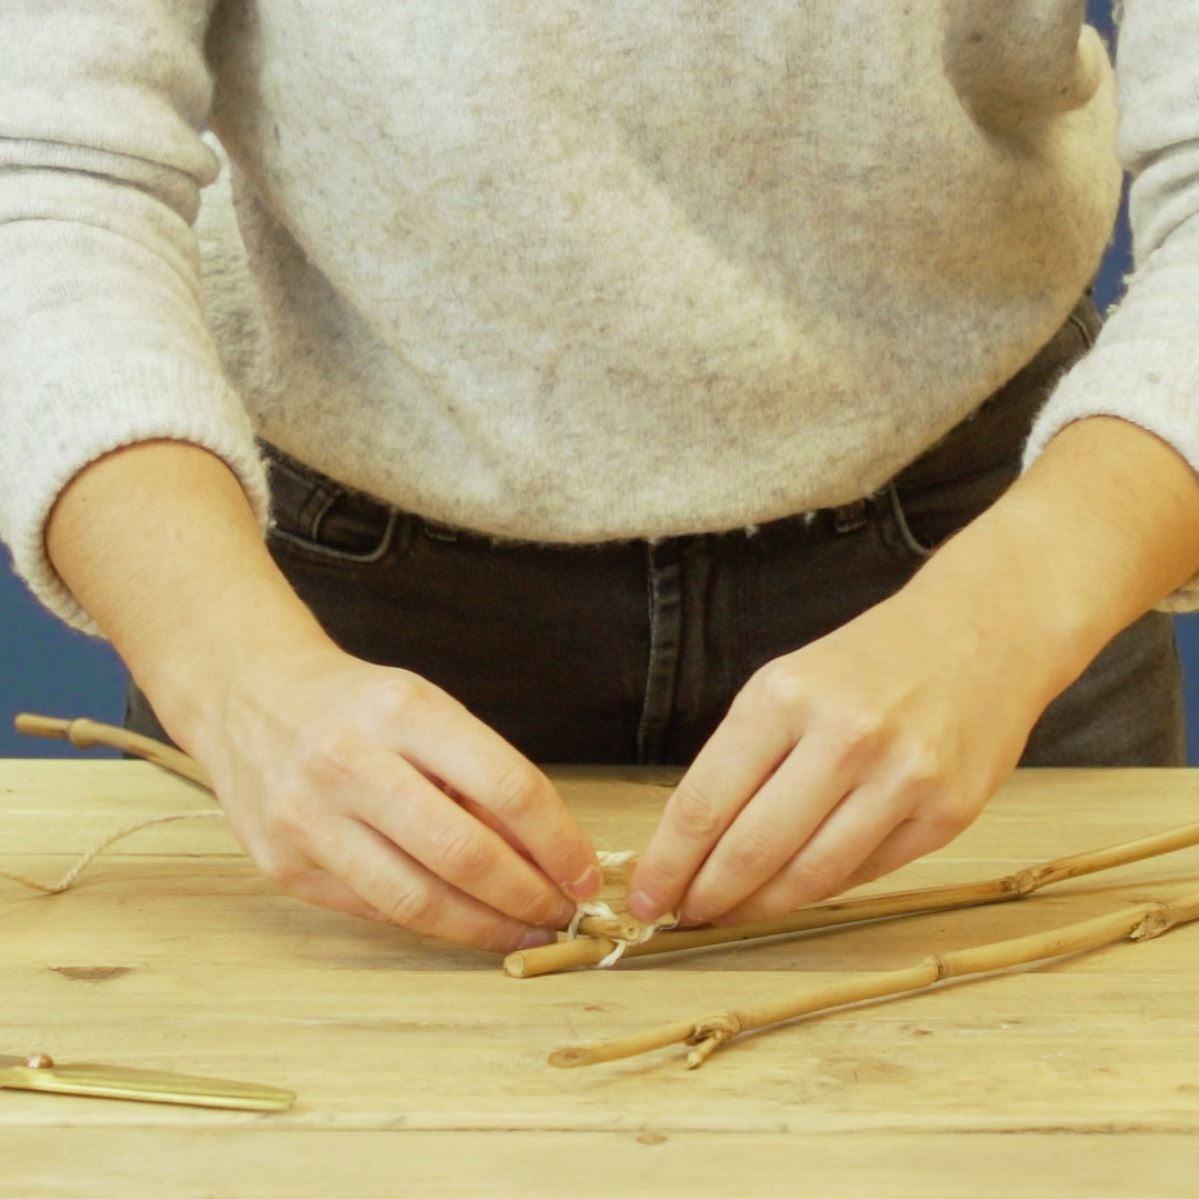 DIY Driehoek met eucalyptus takken. stap 1: Stooken vastbinden